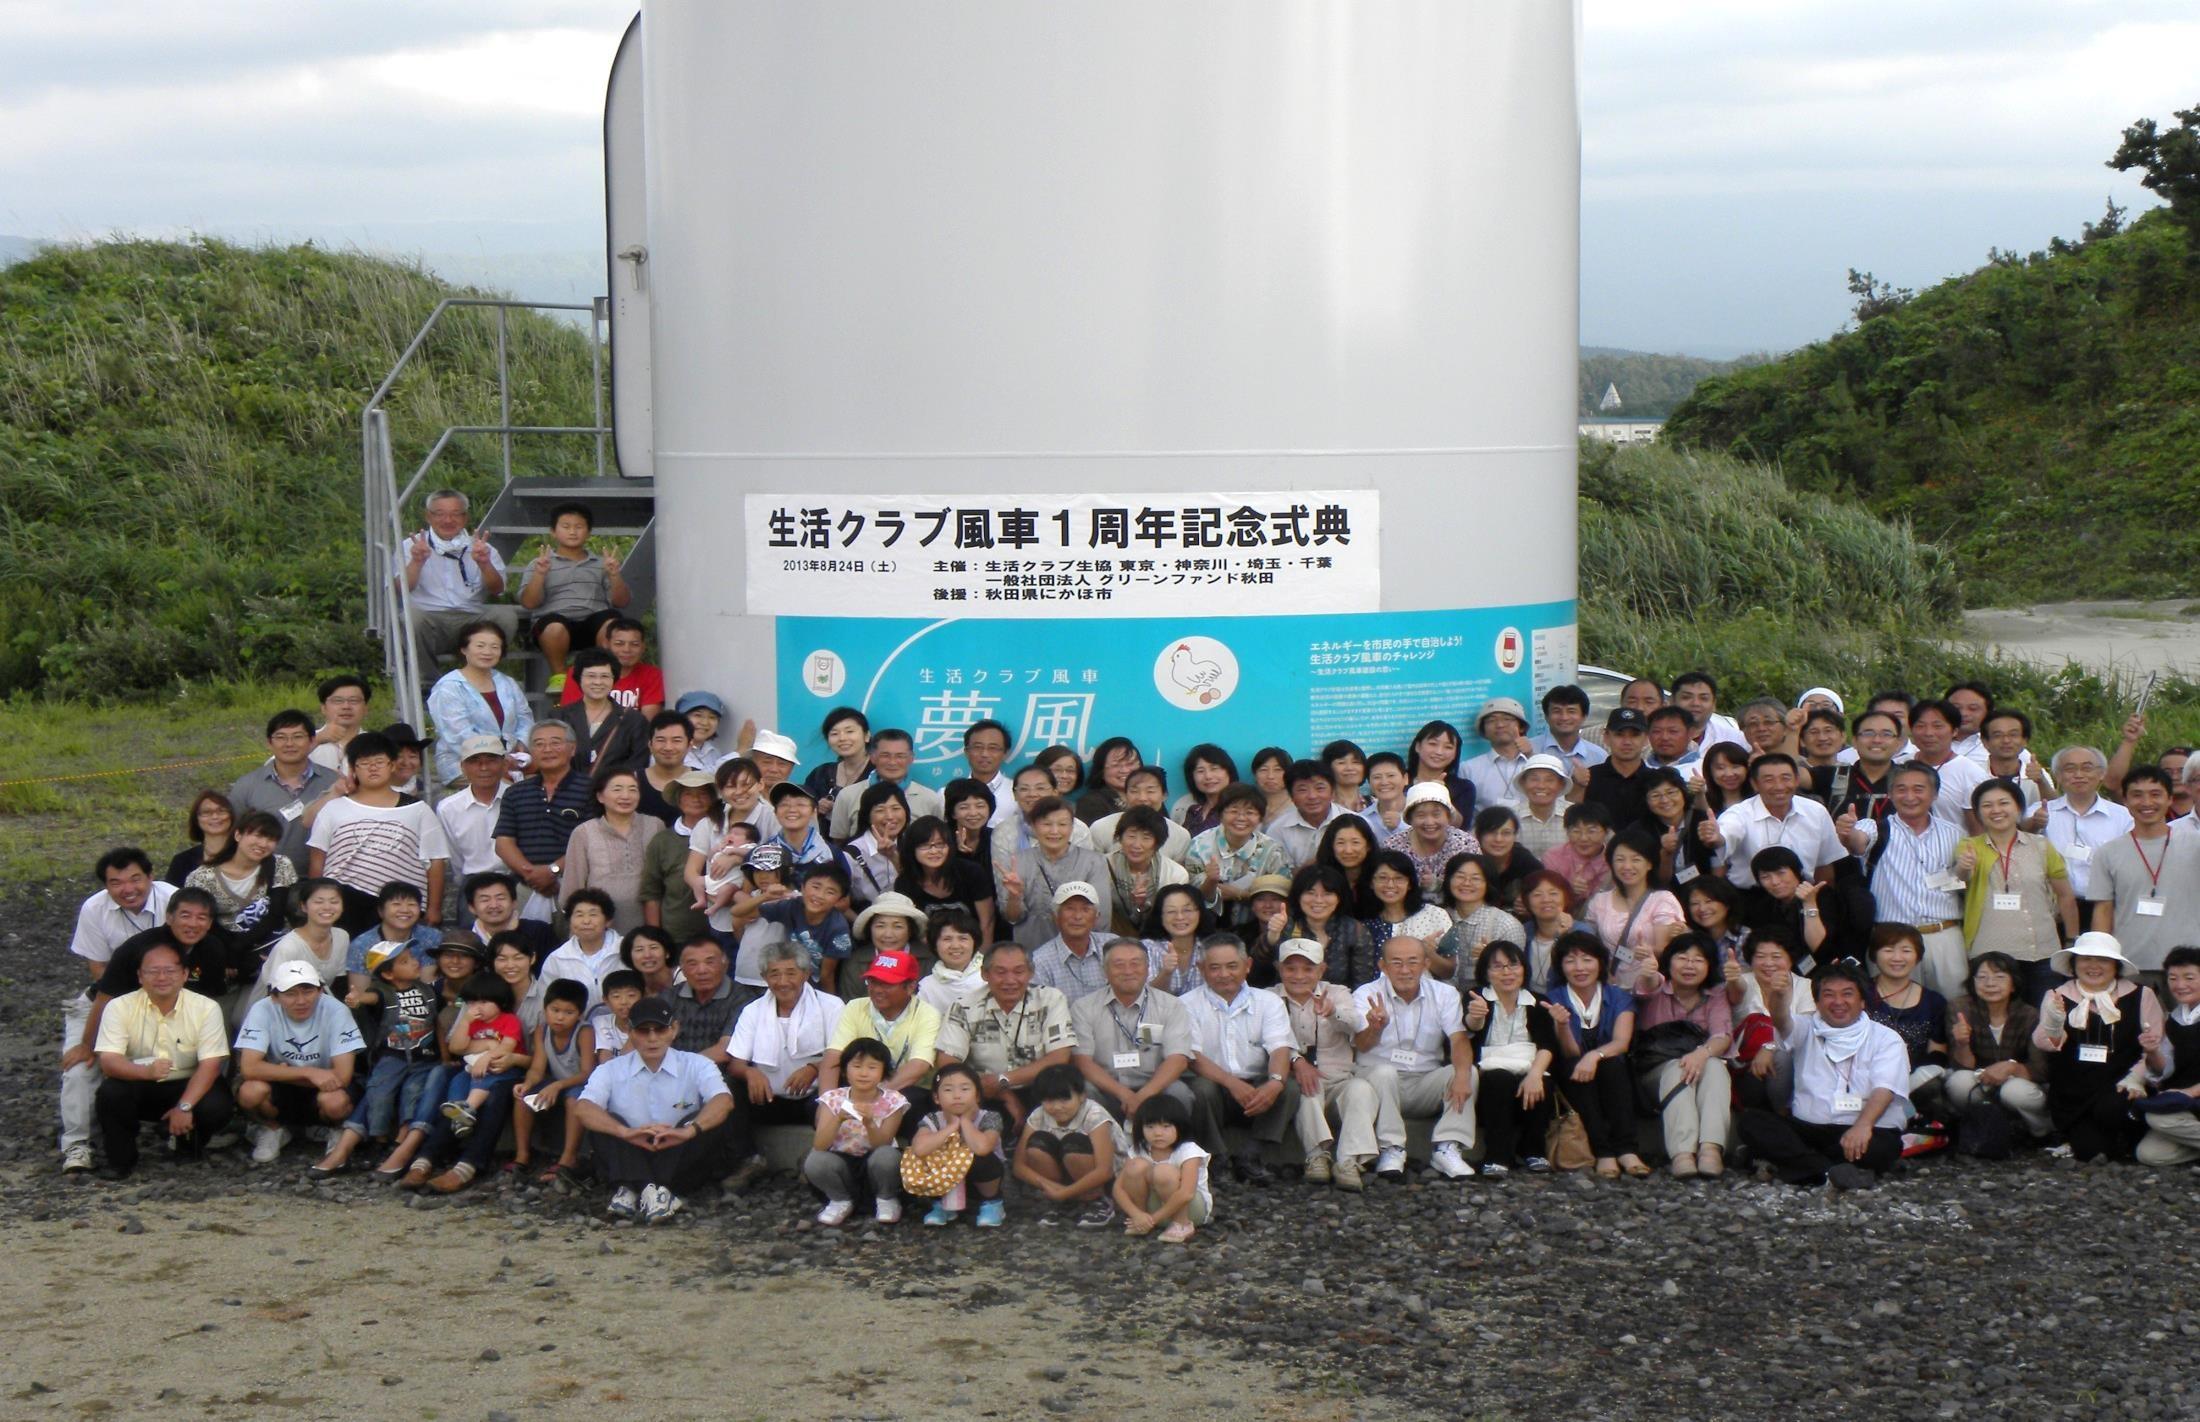 昨年の夏に開催された生活クラブ風車1周年記念式典。地元の人々と組合員のふれあいの場にもなったという